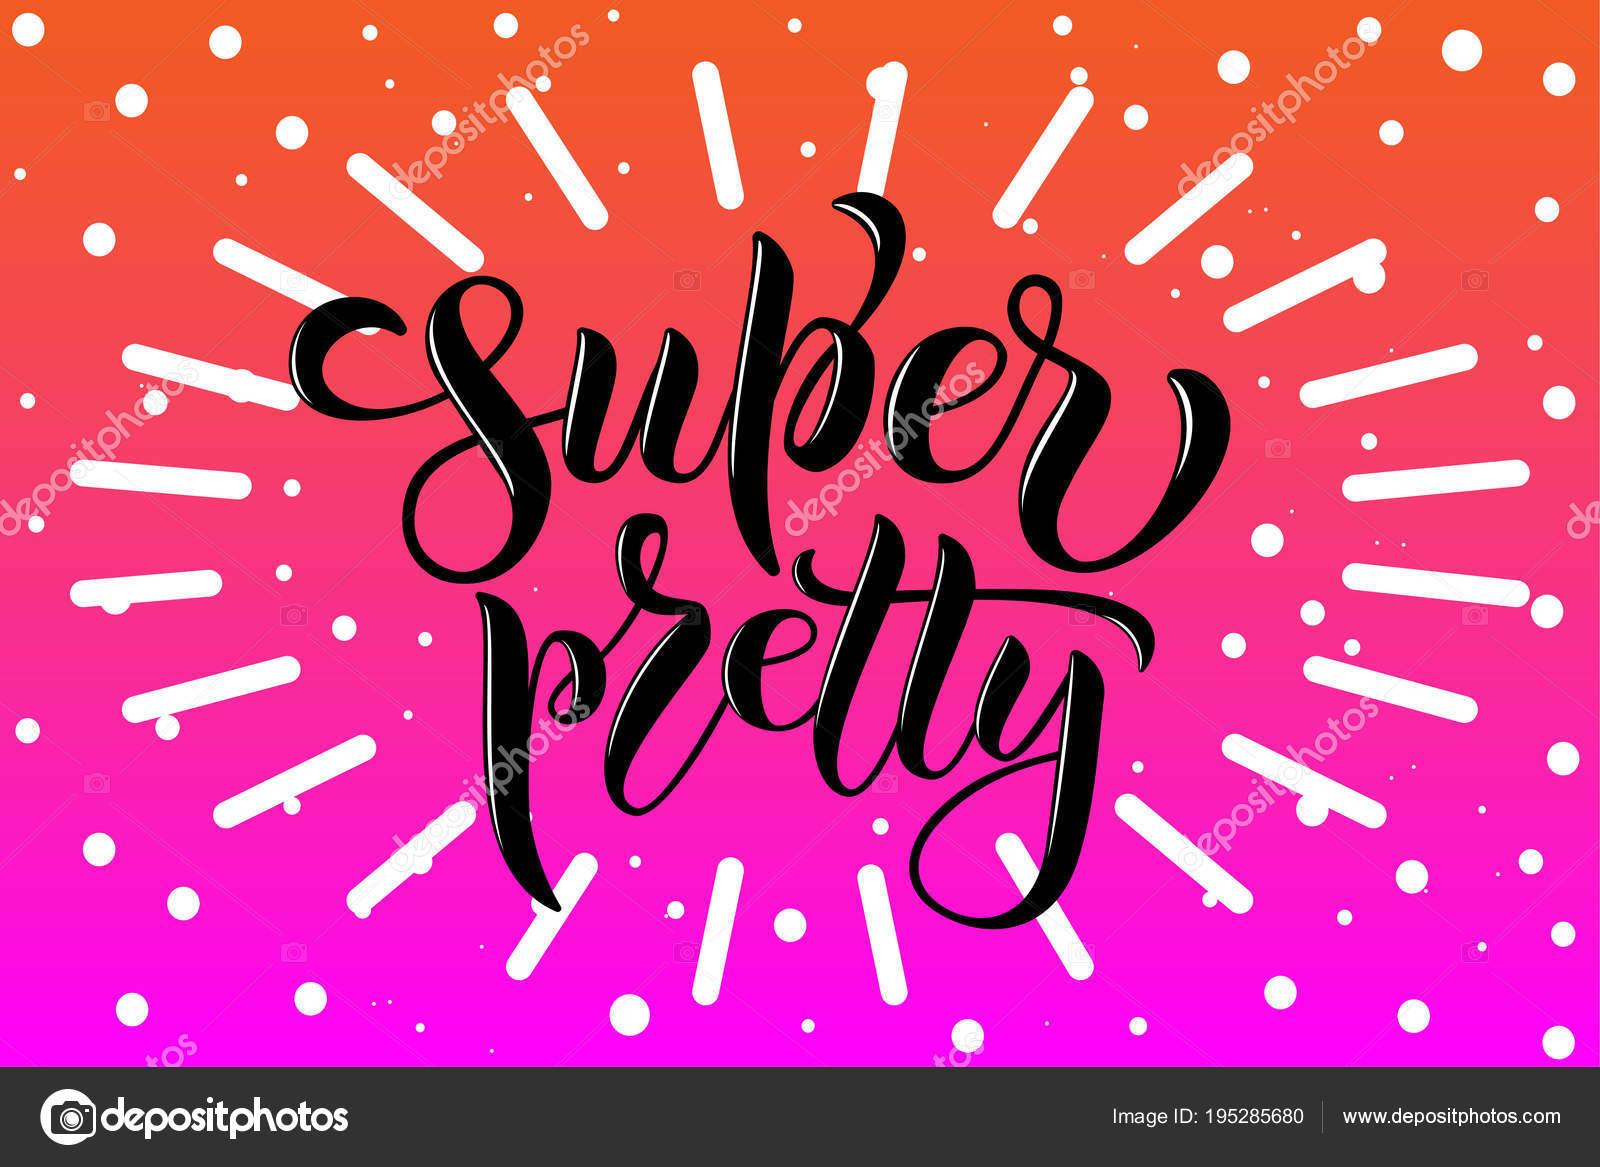 Internetwinkel Kleding.Super Mooie Kalligrafie Tekst Voor T Shirt Vrouwen Ontwerp